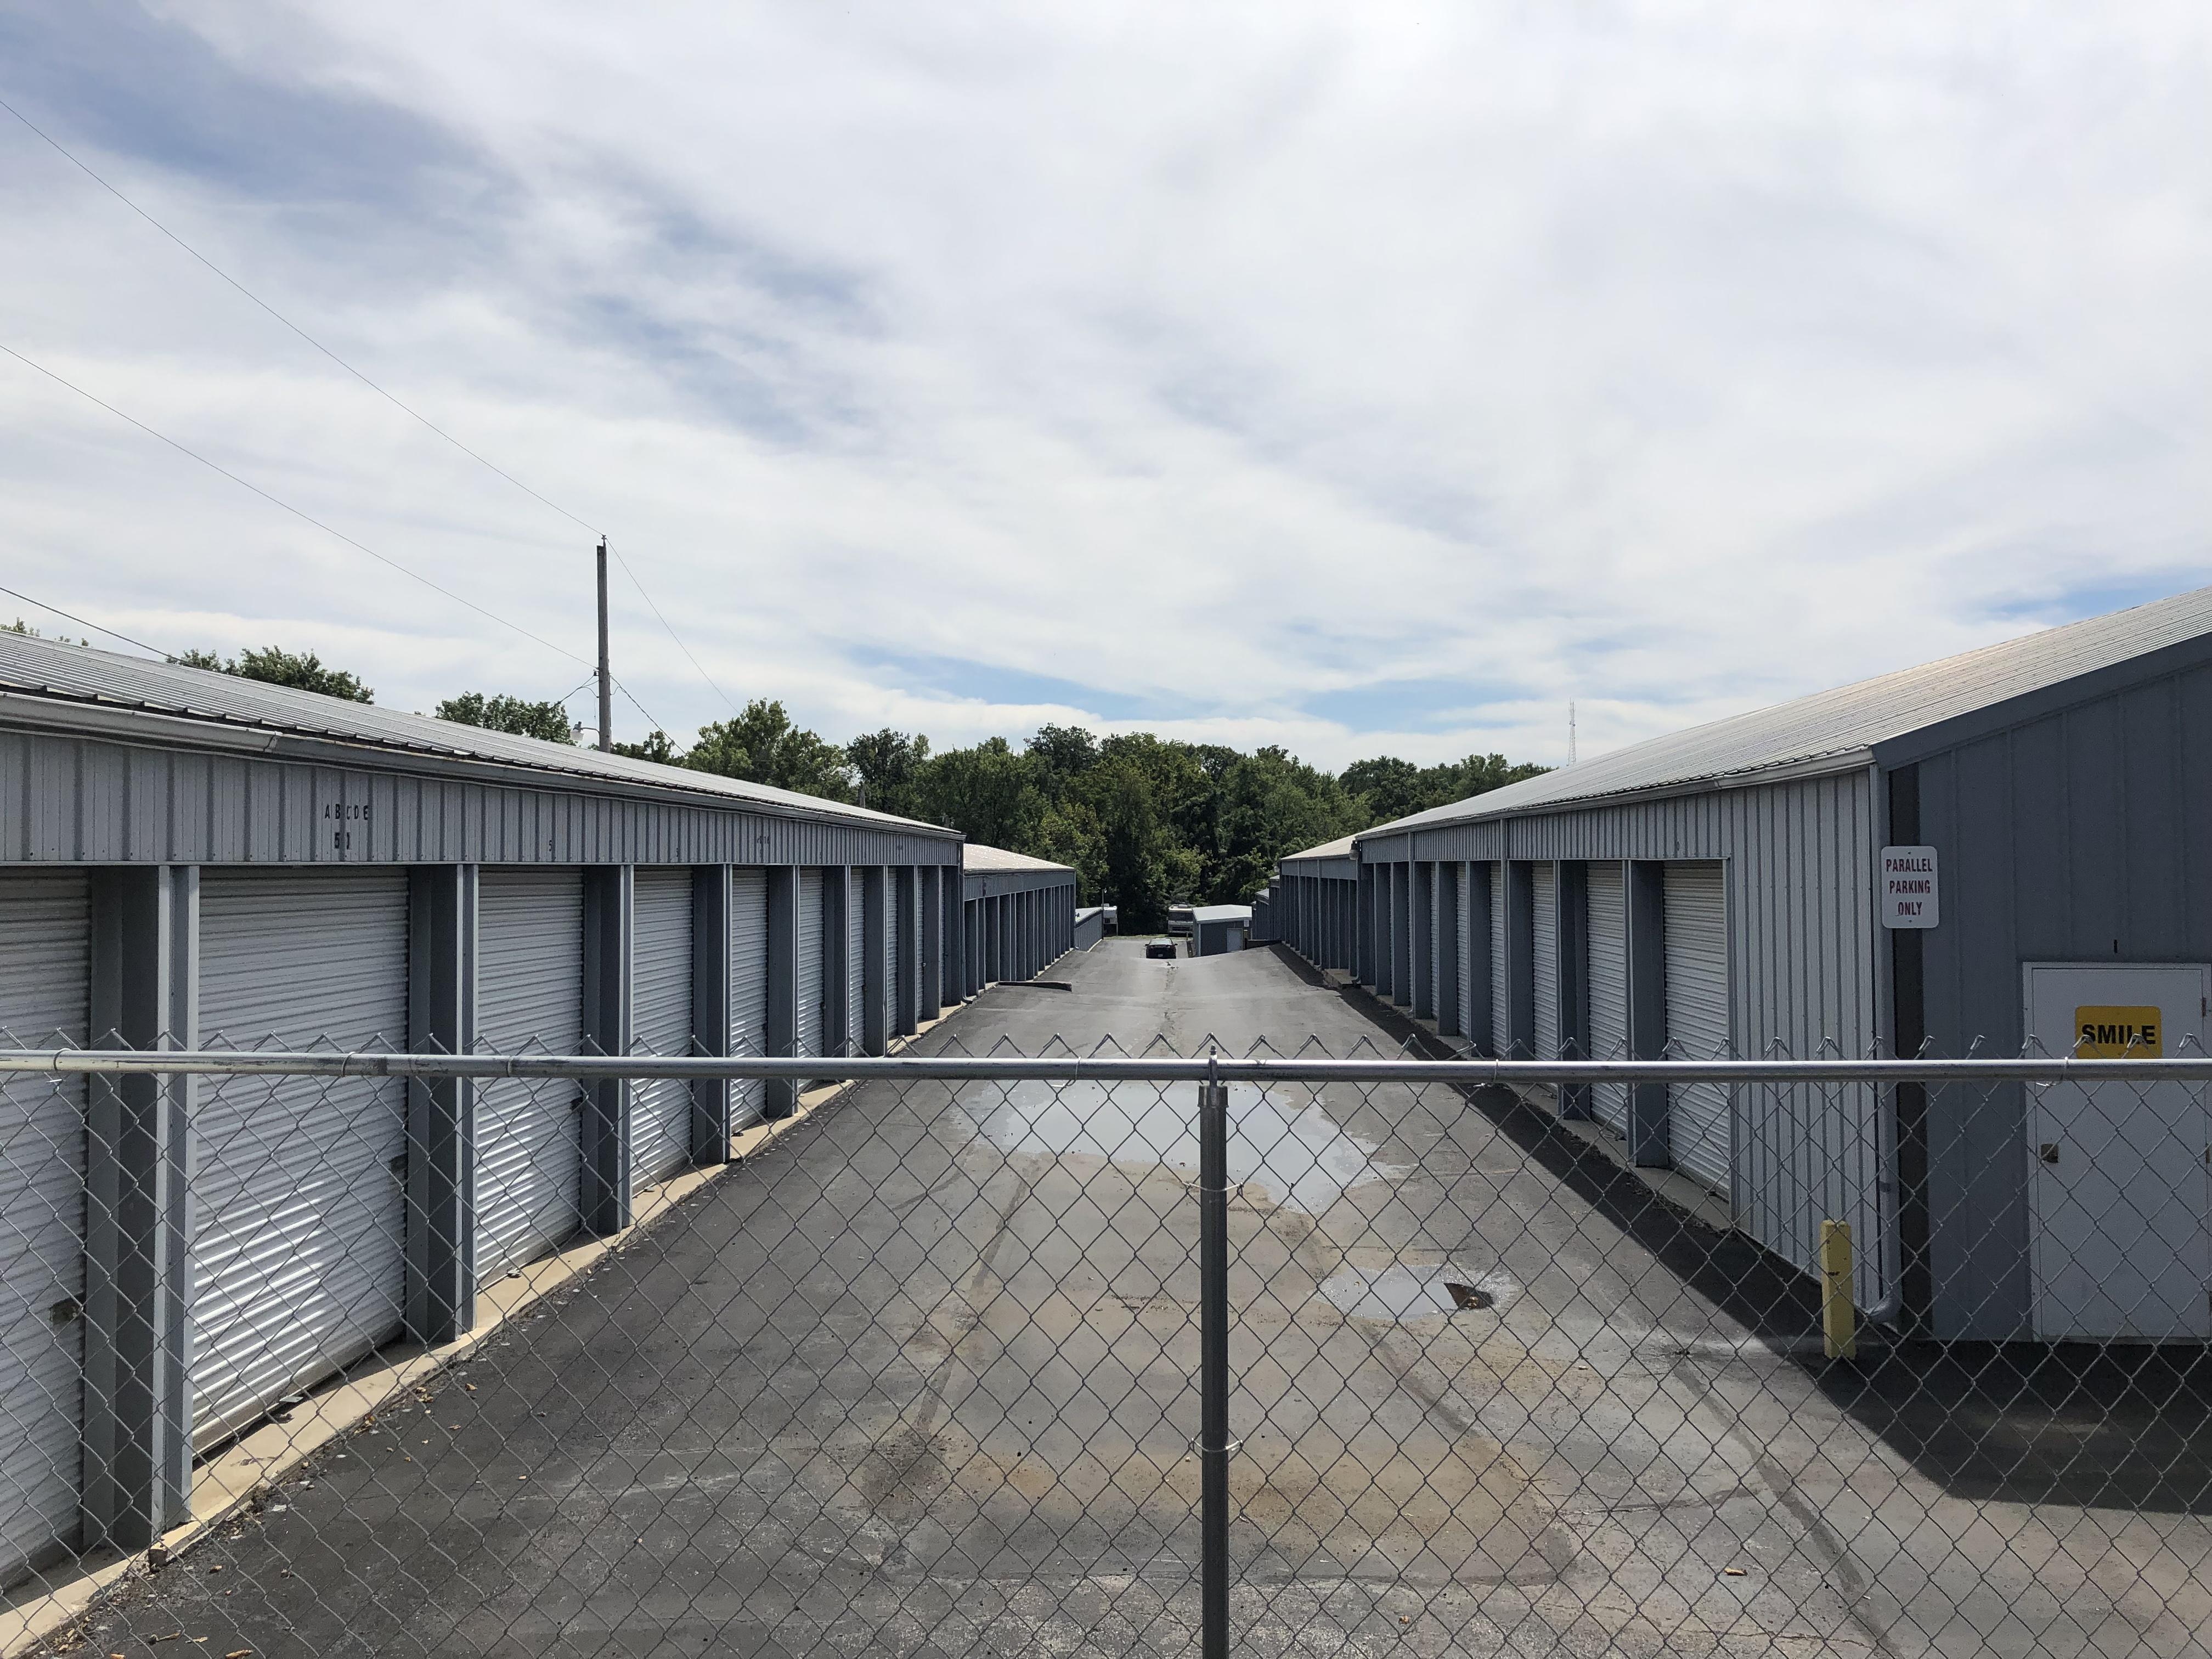 storage buildings behind perimeter fence